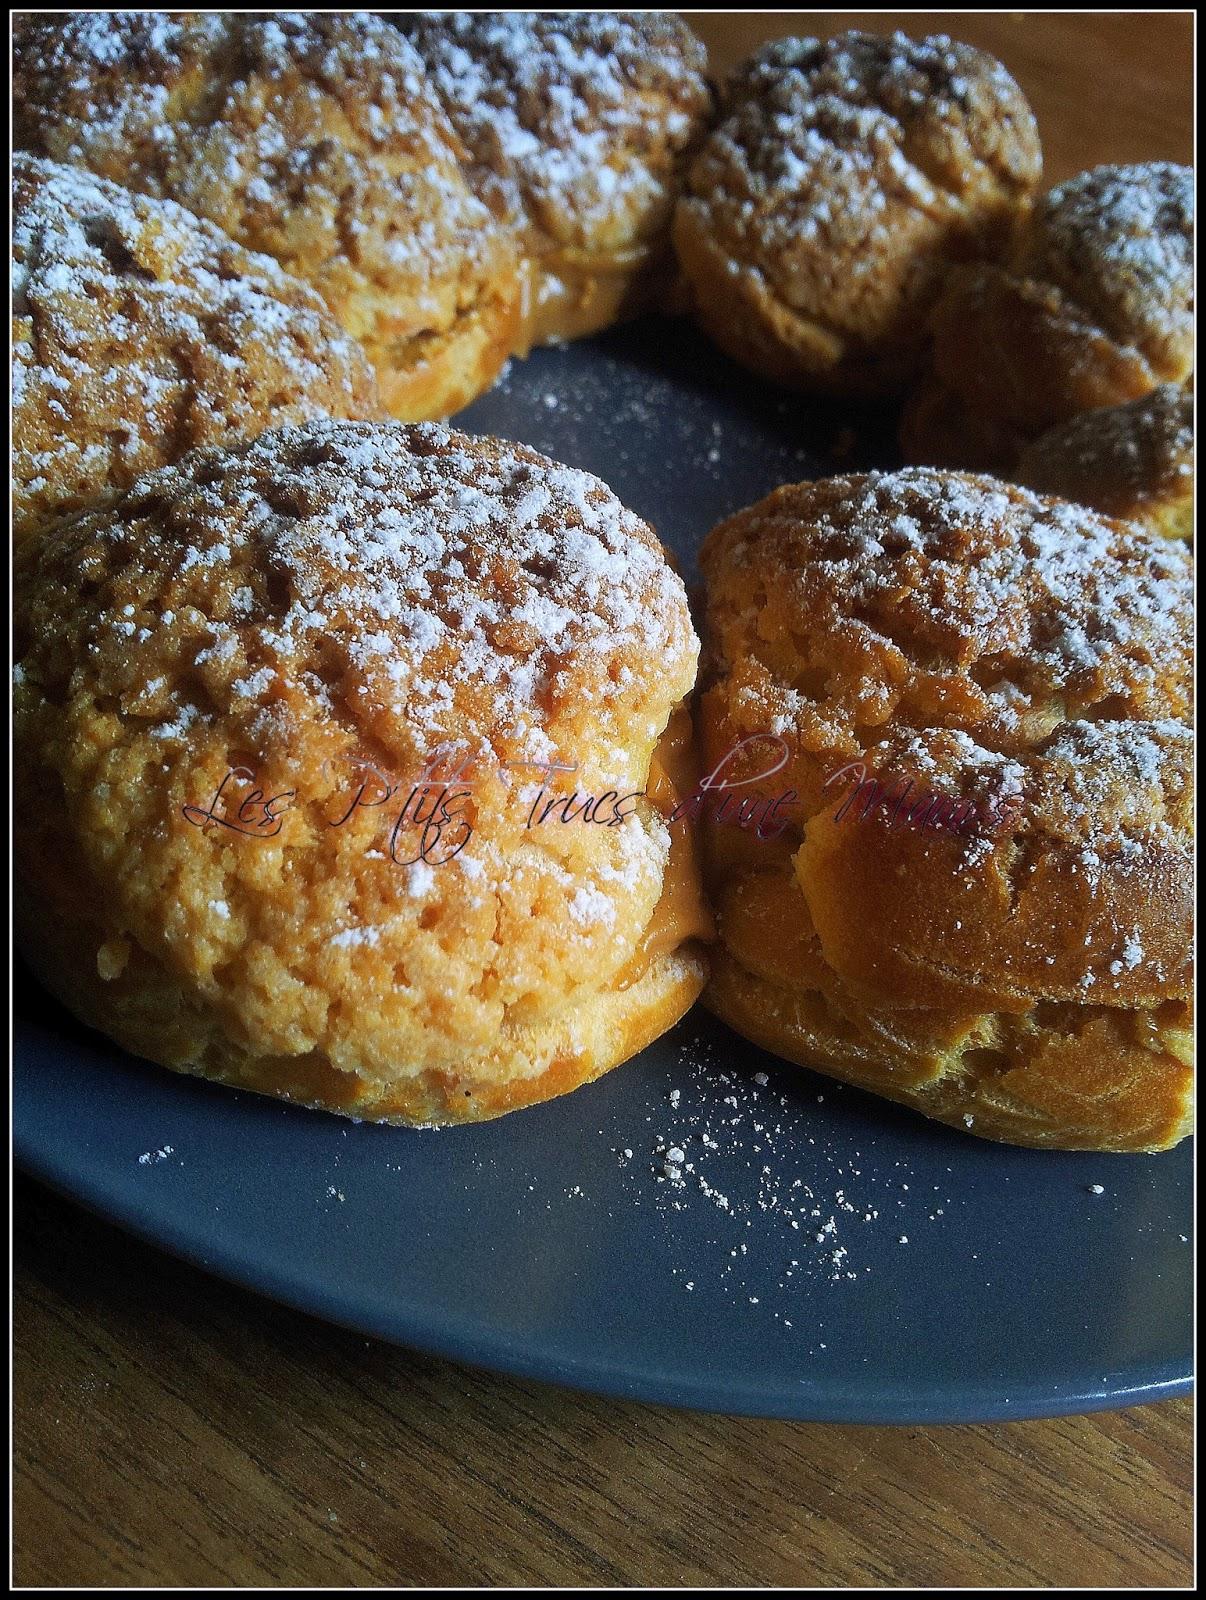 Un peu de paris brest blogs de cuisine - Pate a choux herve cuisine ...